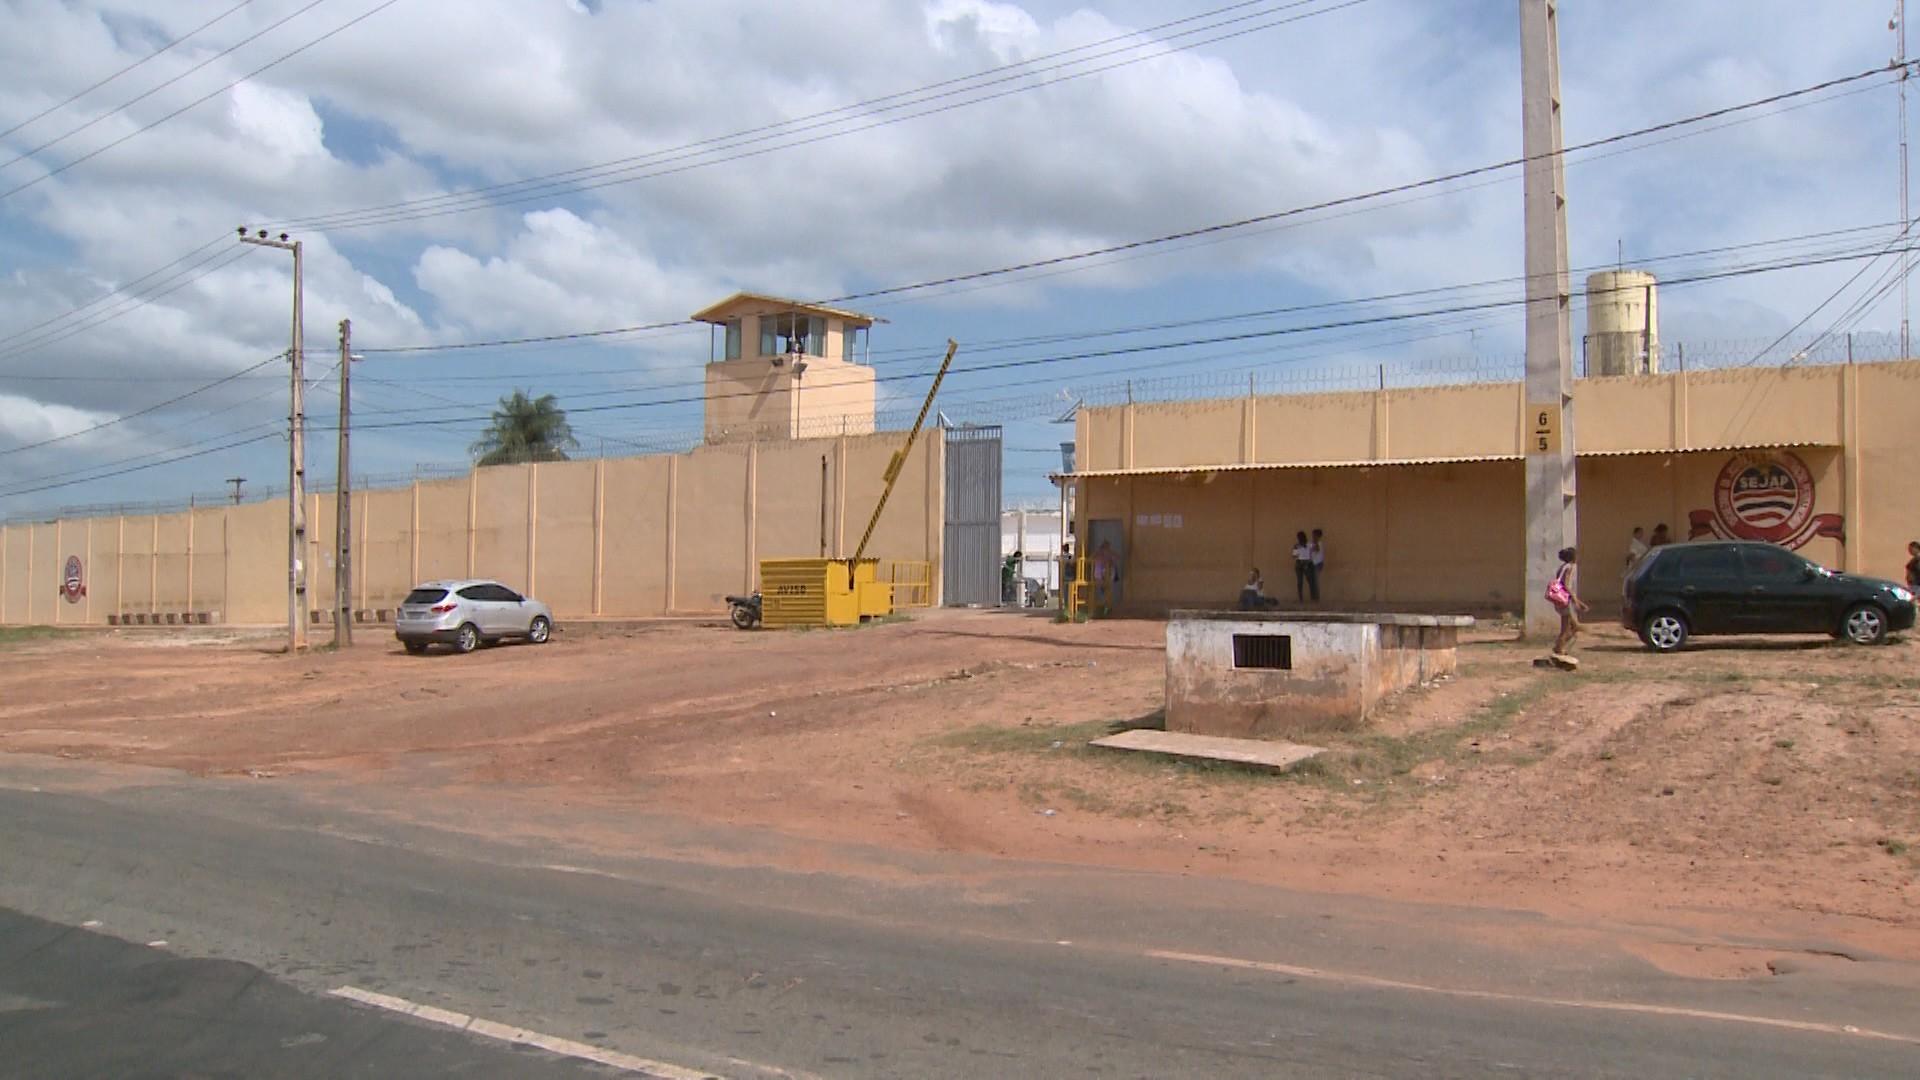 Detentos acusados de canibalismo em Pedrinhas serão julgados em São Luís - Notícias - Plantão Diário